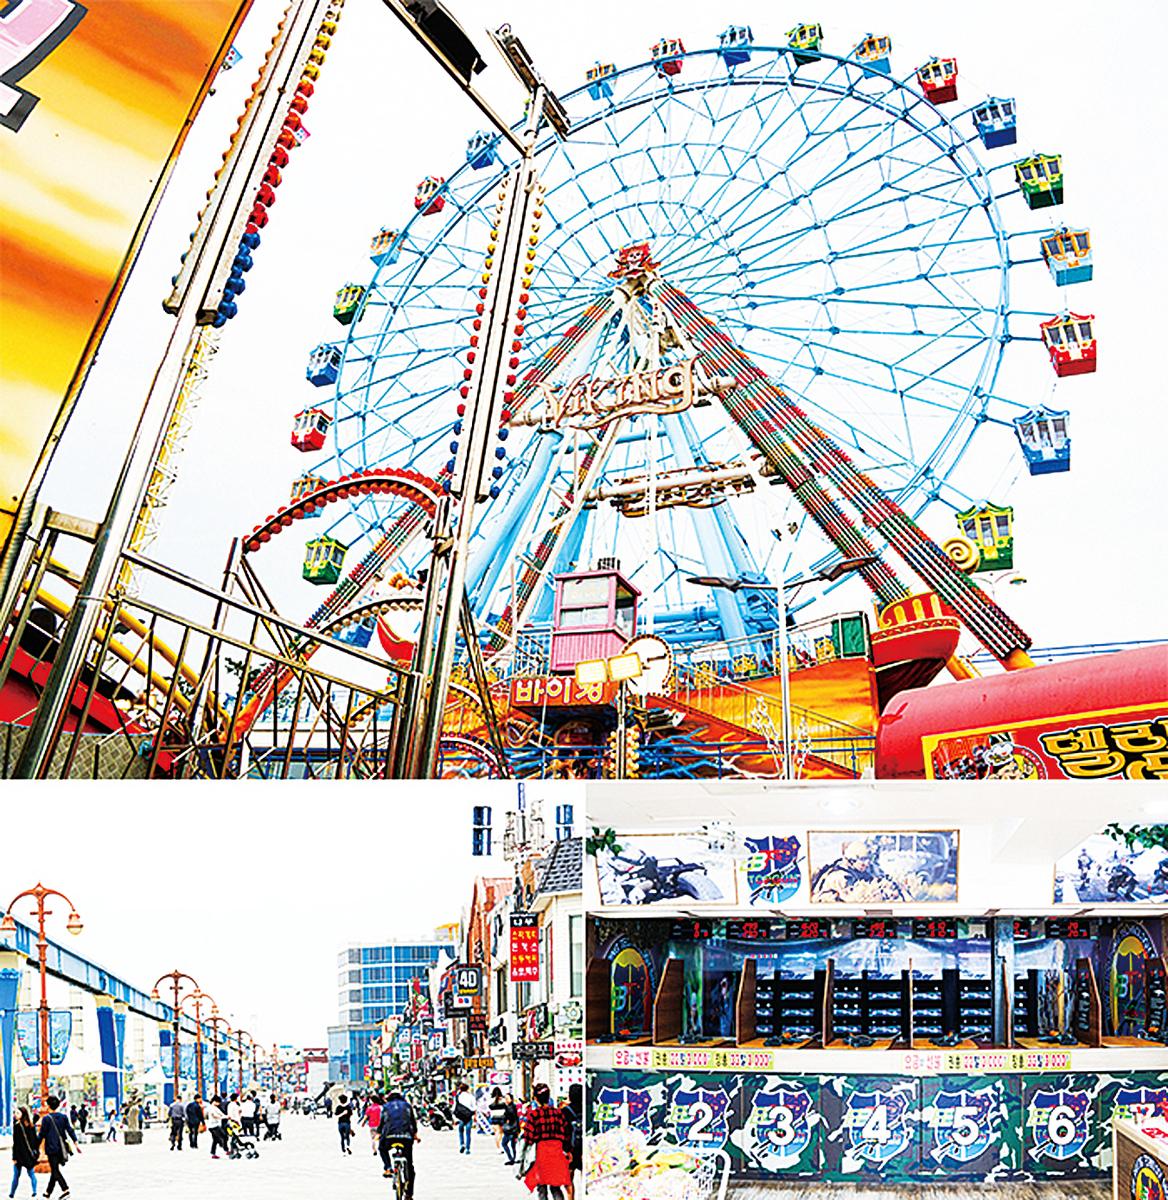 上圖:月尾島的遊樂園;左下圖:月尾文化街全景;右下圖:《太陽的後裔》取景的射擊場。